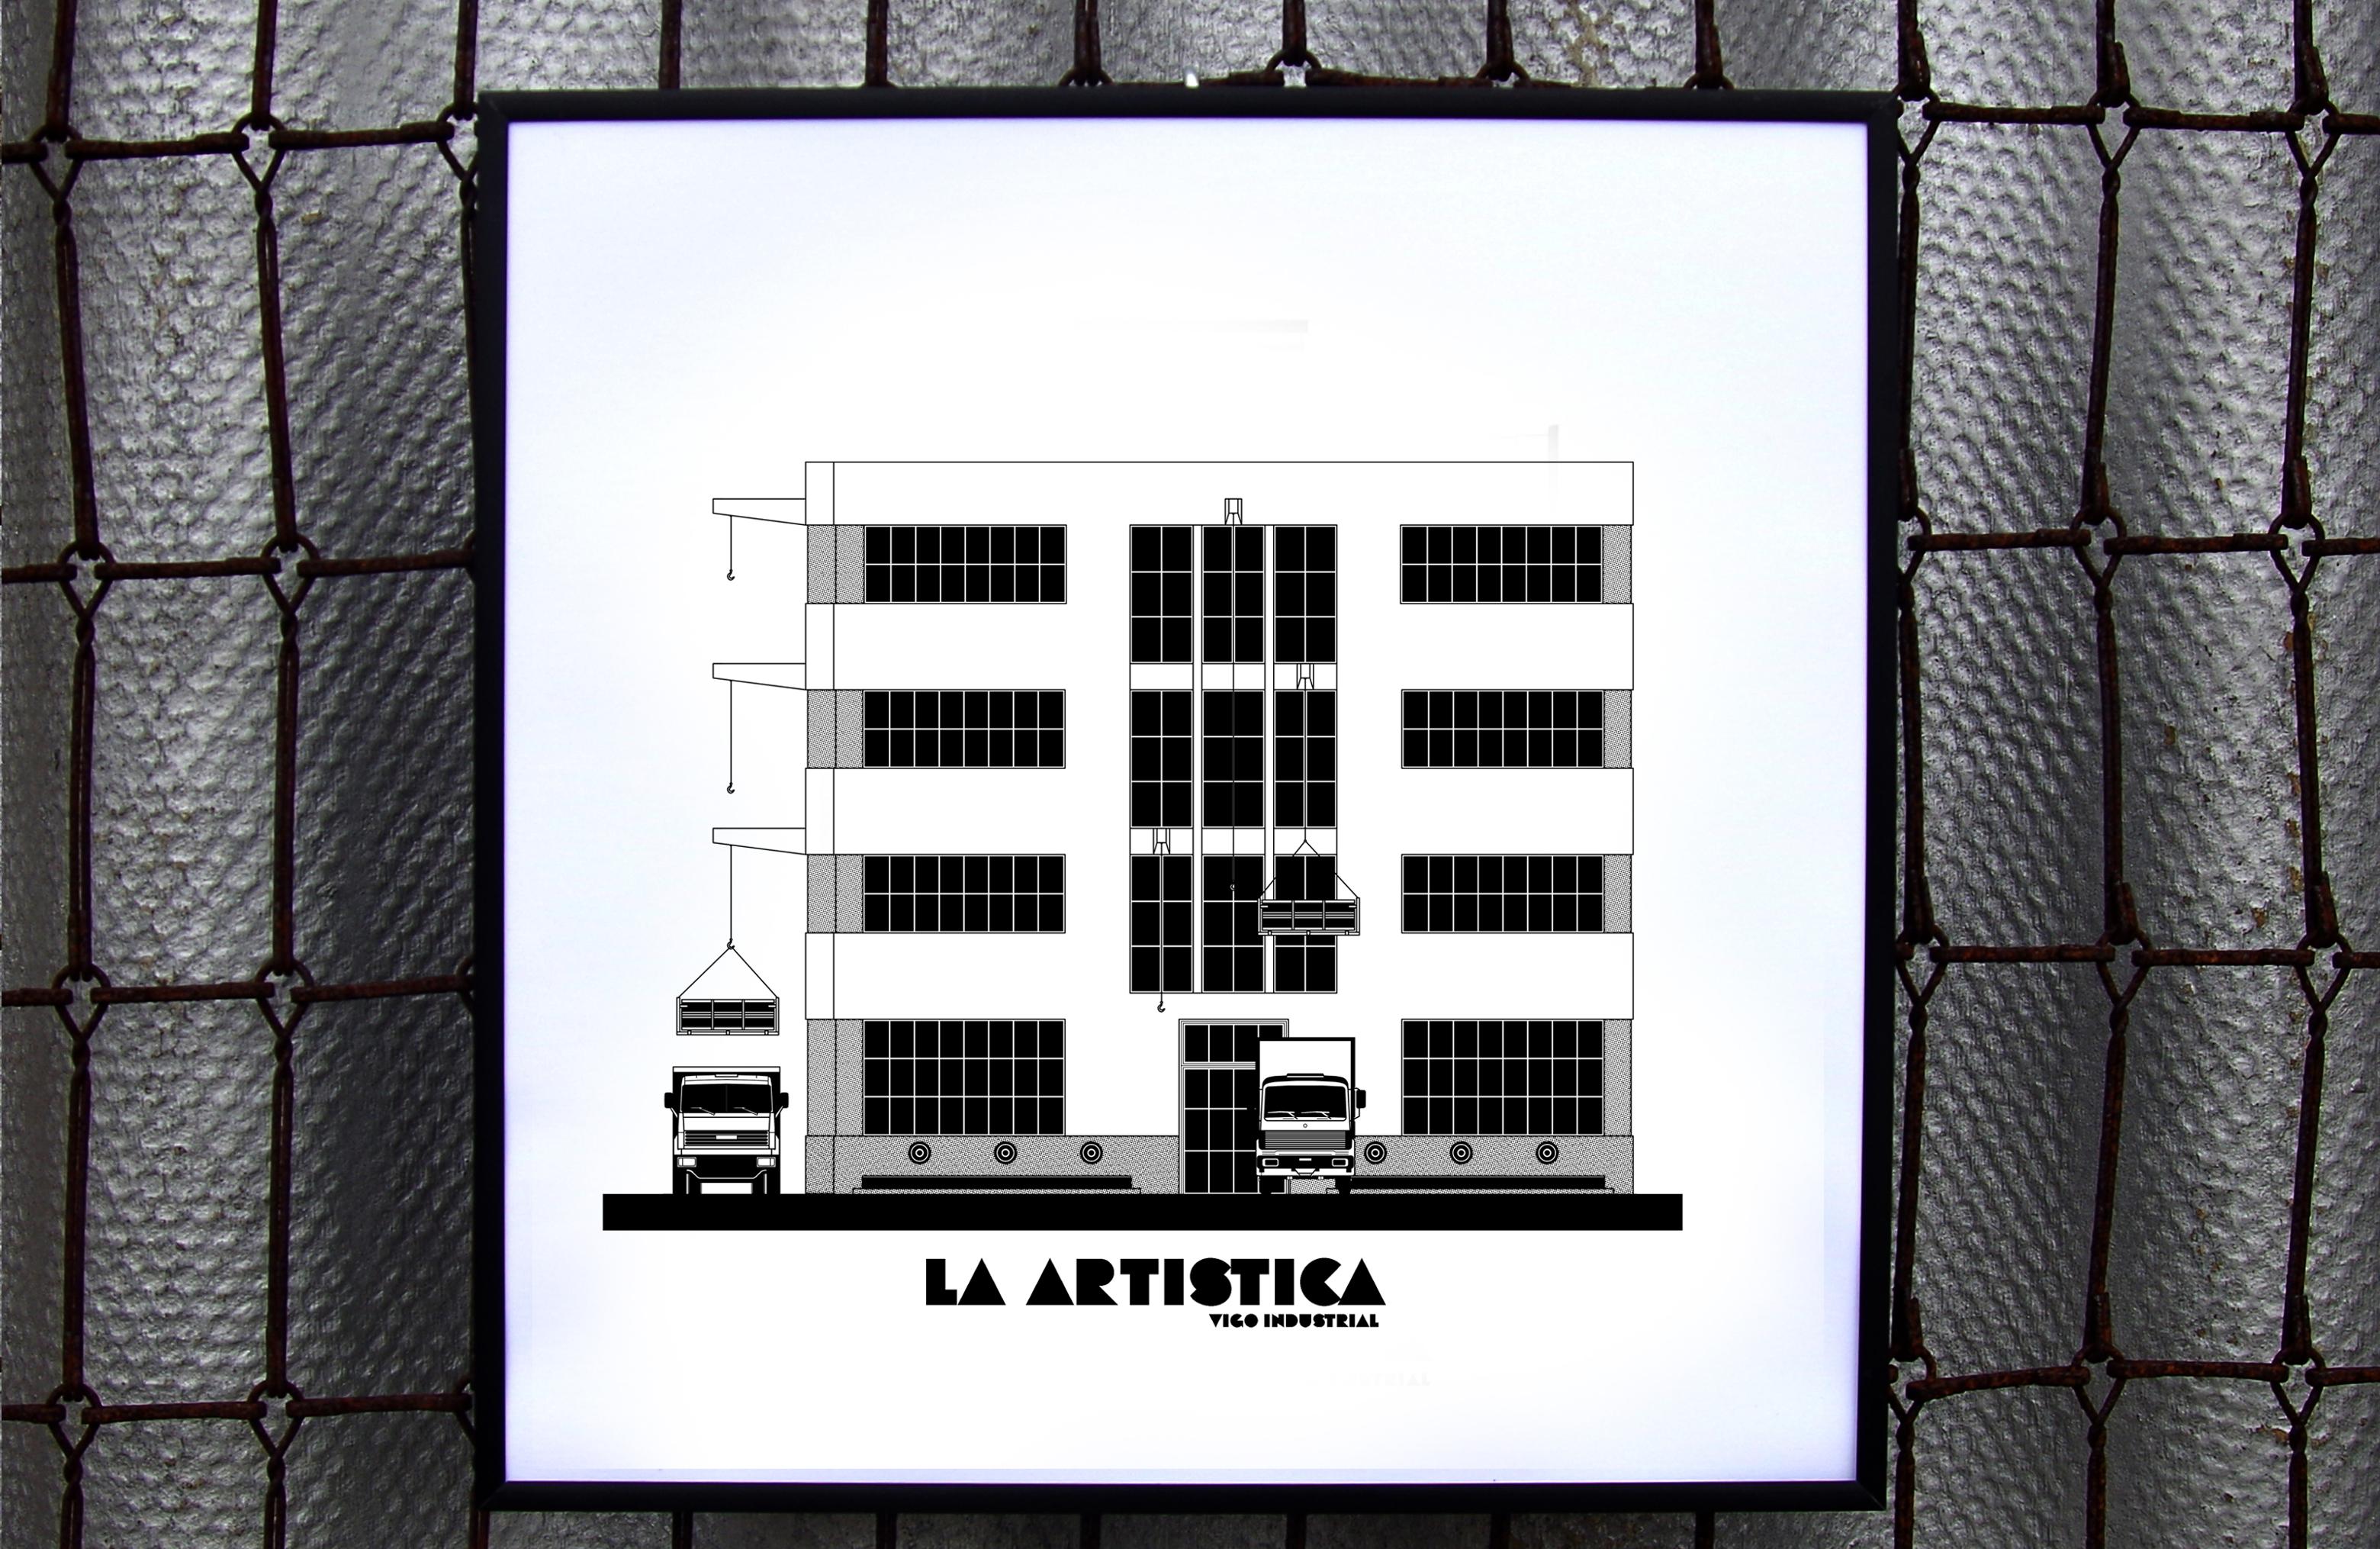 La Artística